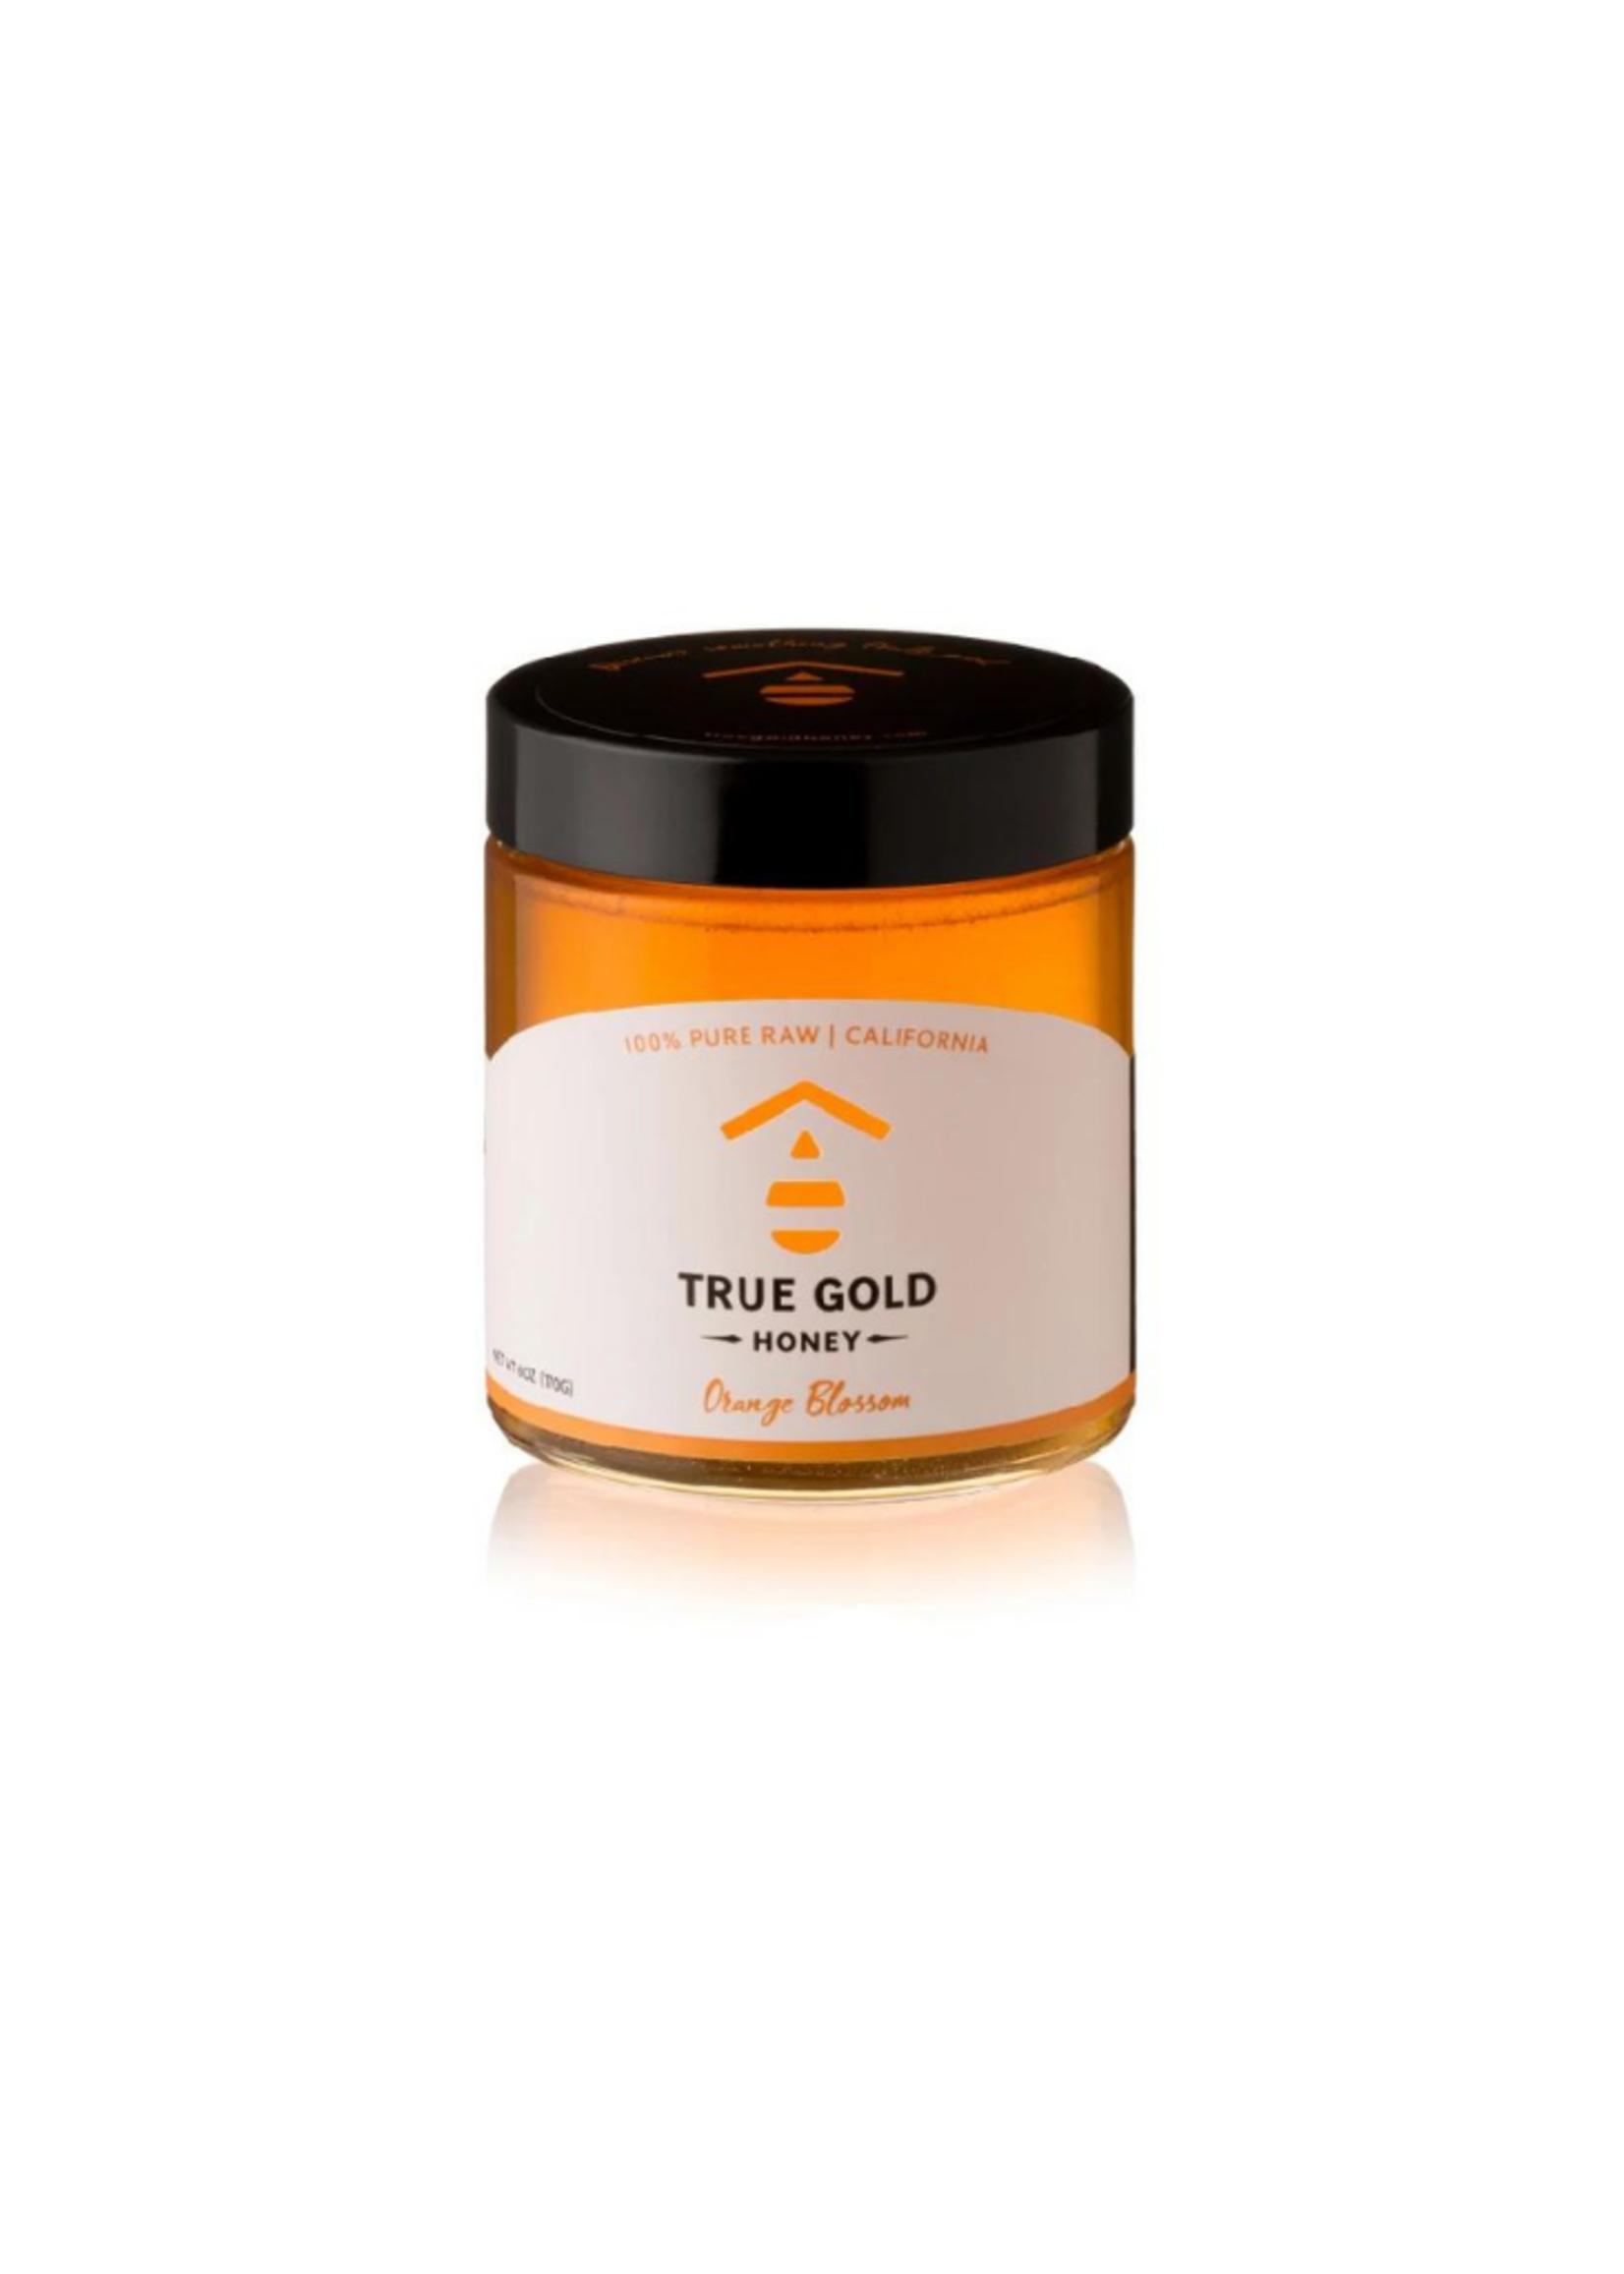 True Gold Honey 6 oz Orange Blossom Honey